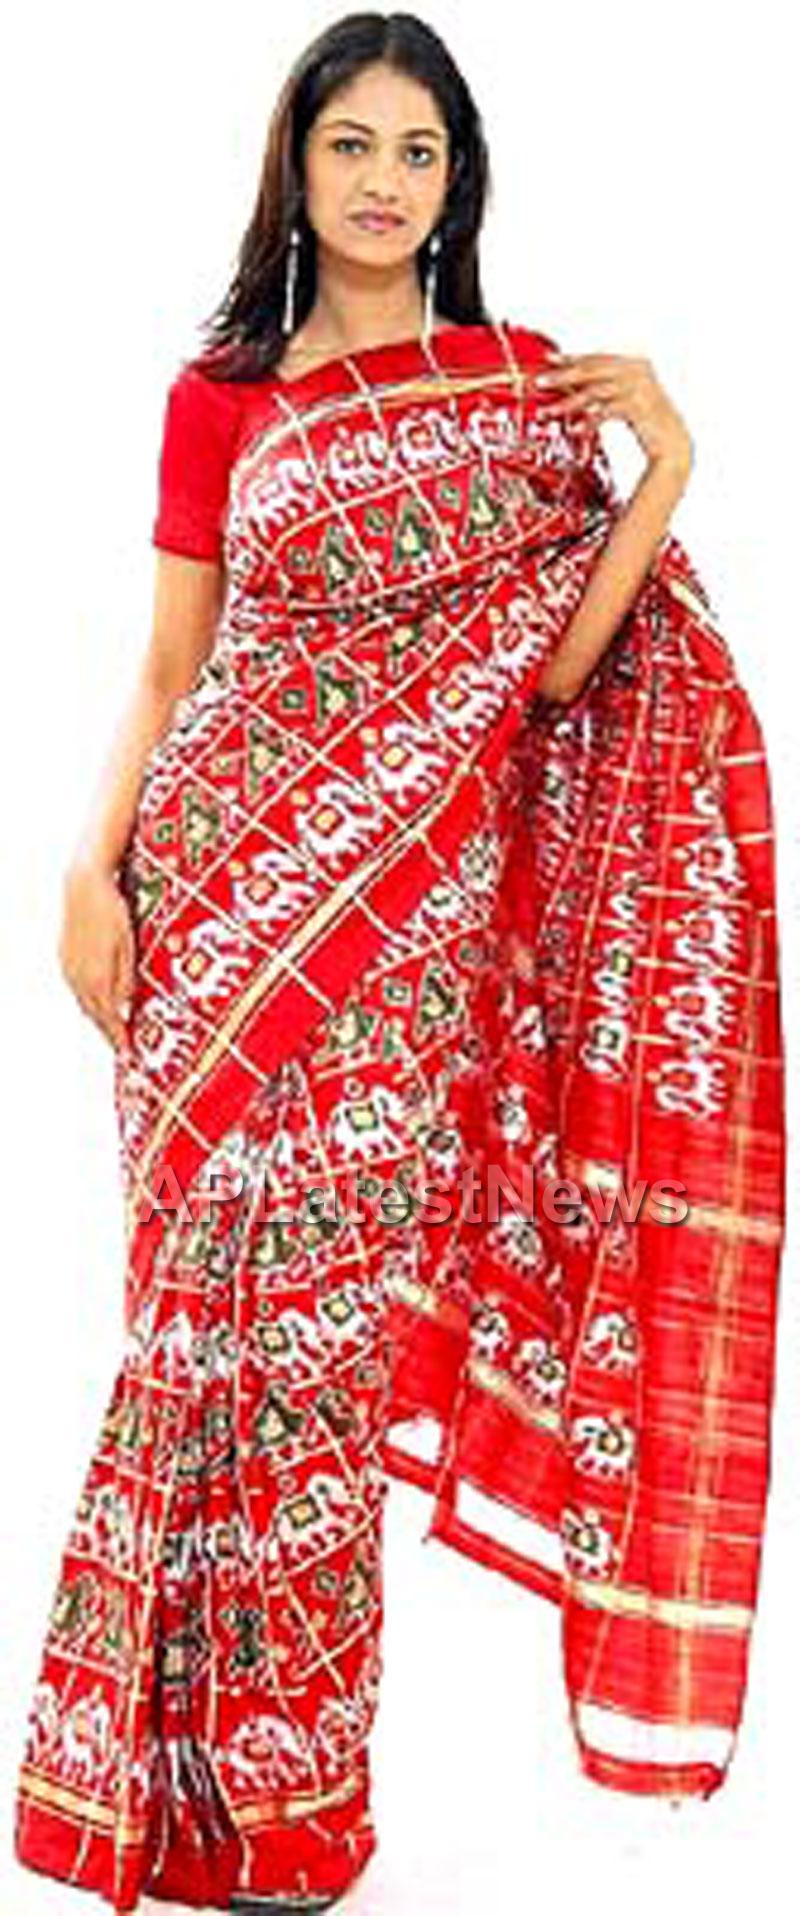 Pochampally IKAT Mela 2013 - Somajiguda - Picture 3